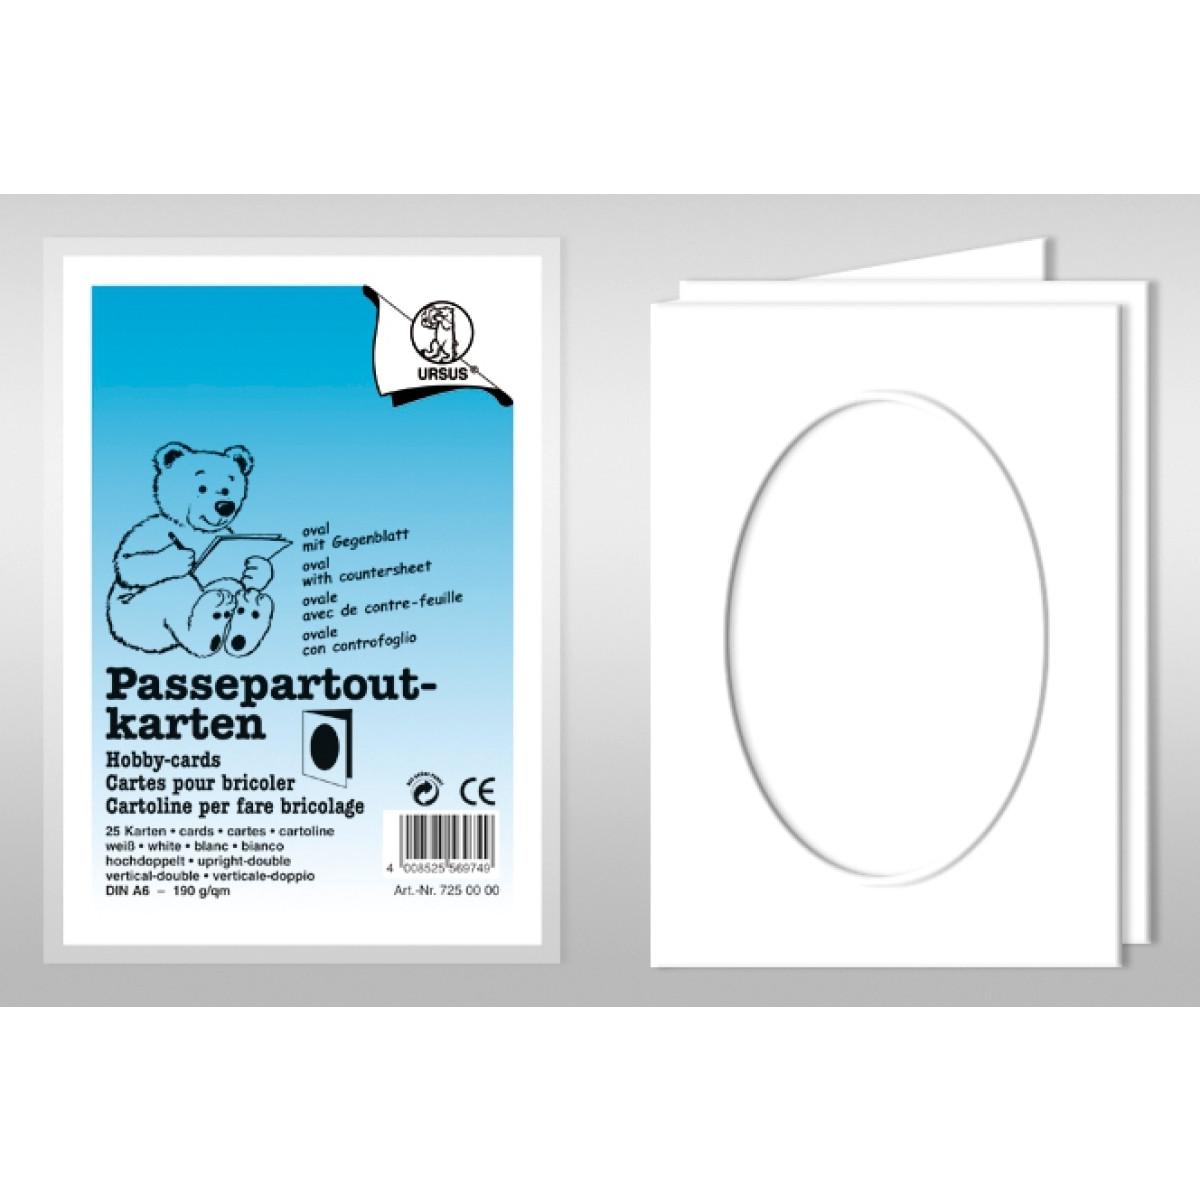 Passepartoutkarten oval mit Briefumschlägen DIN A6 hochdoppelt - 5 Stück